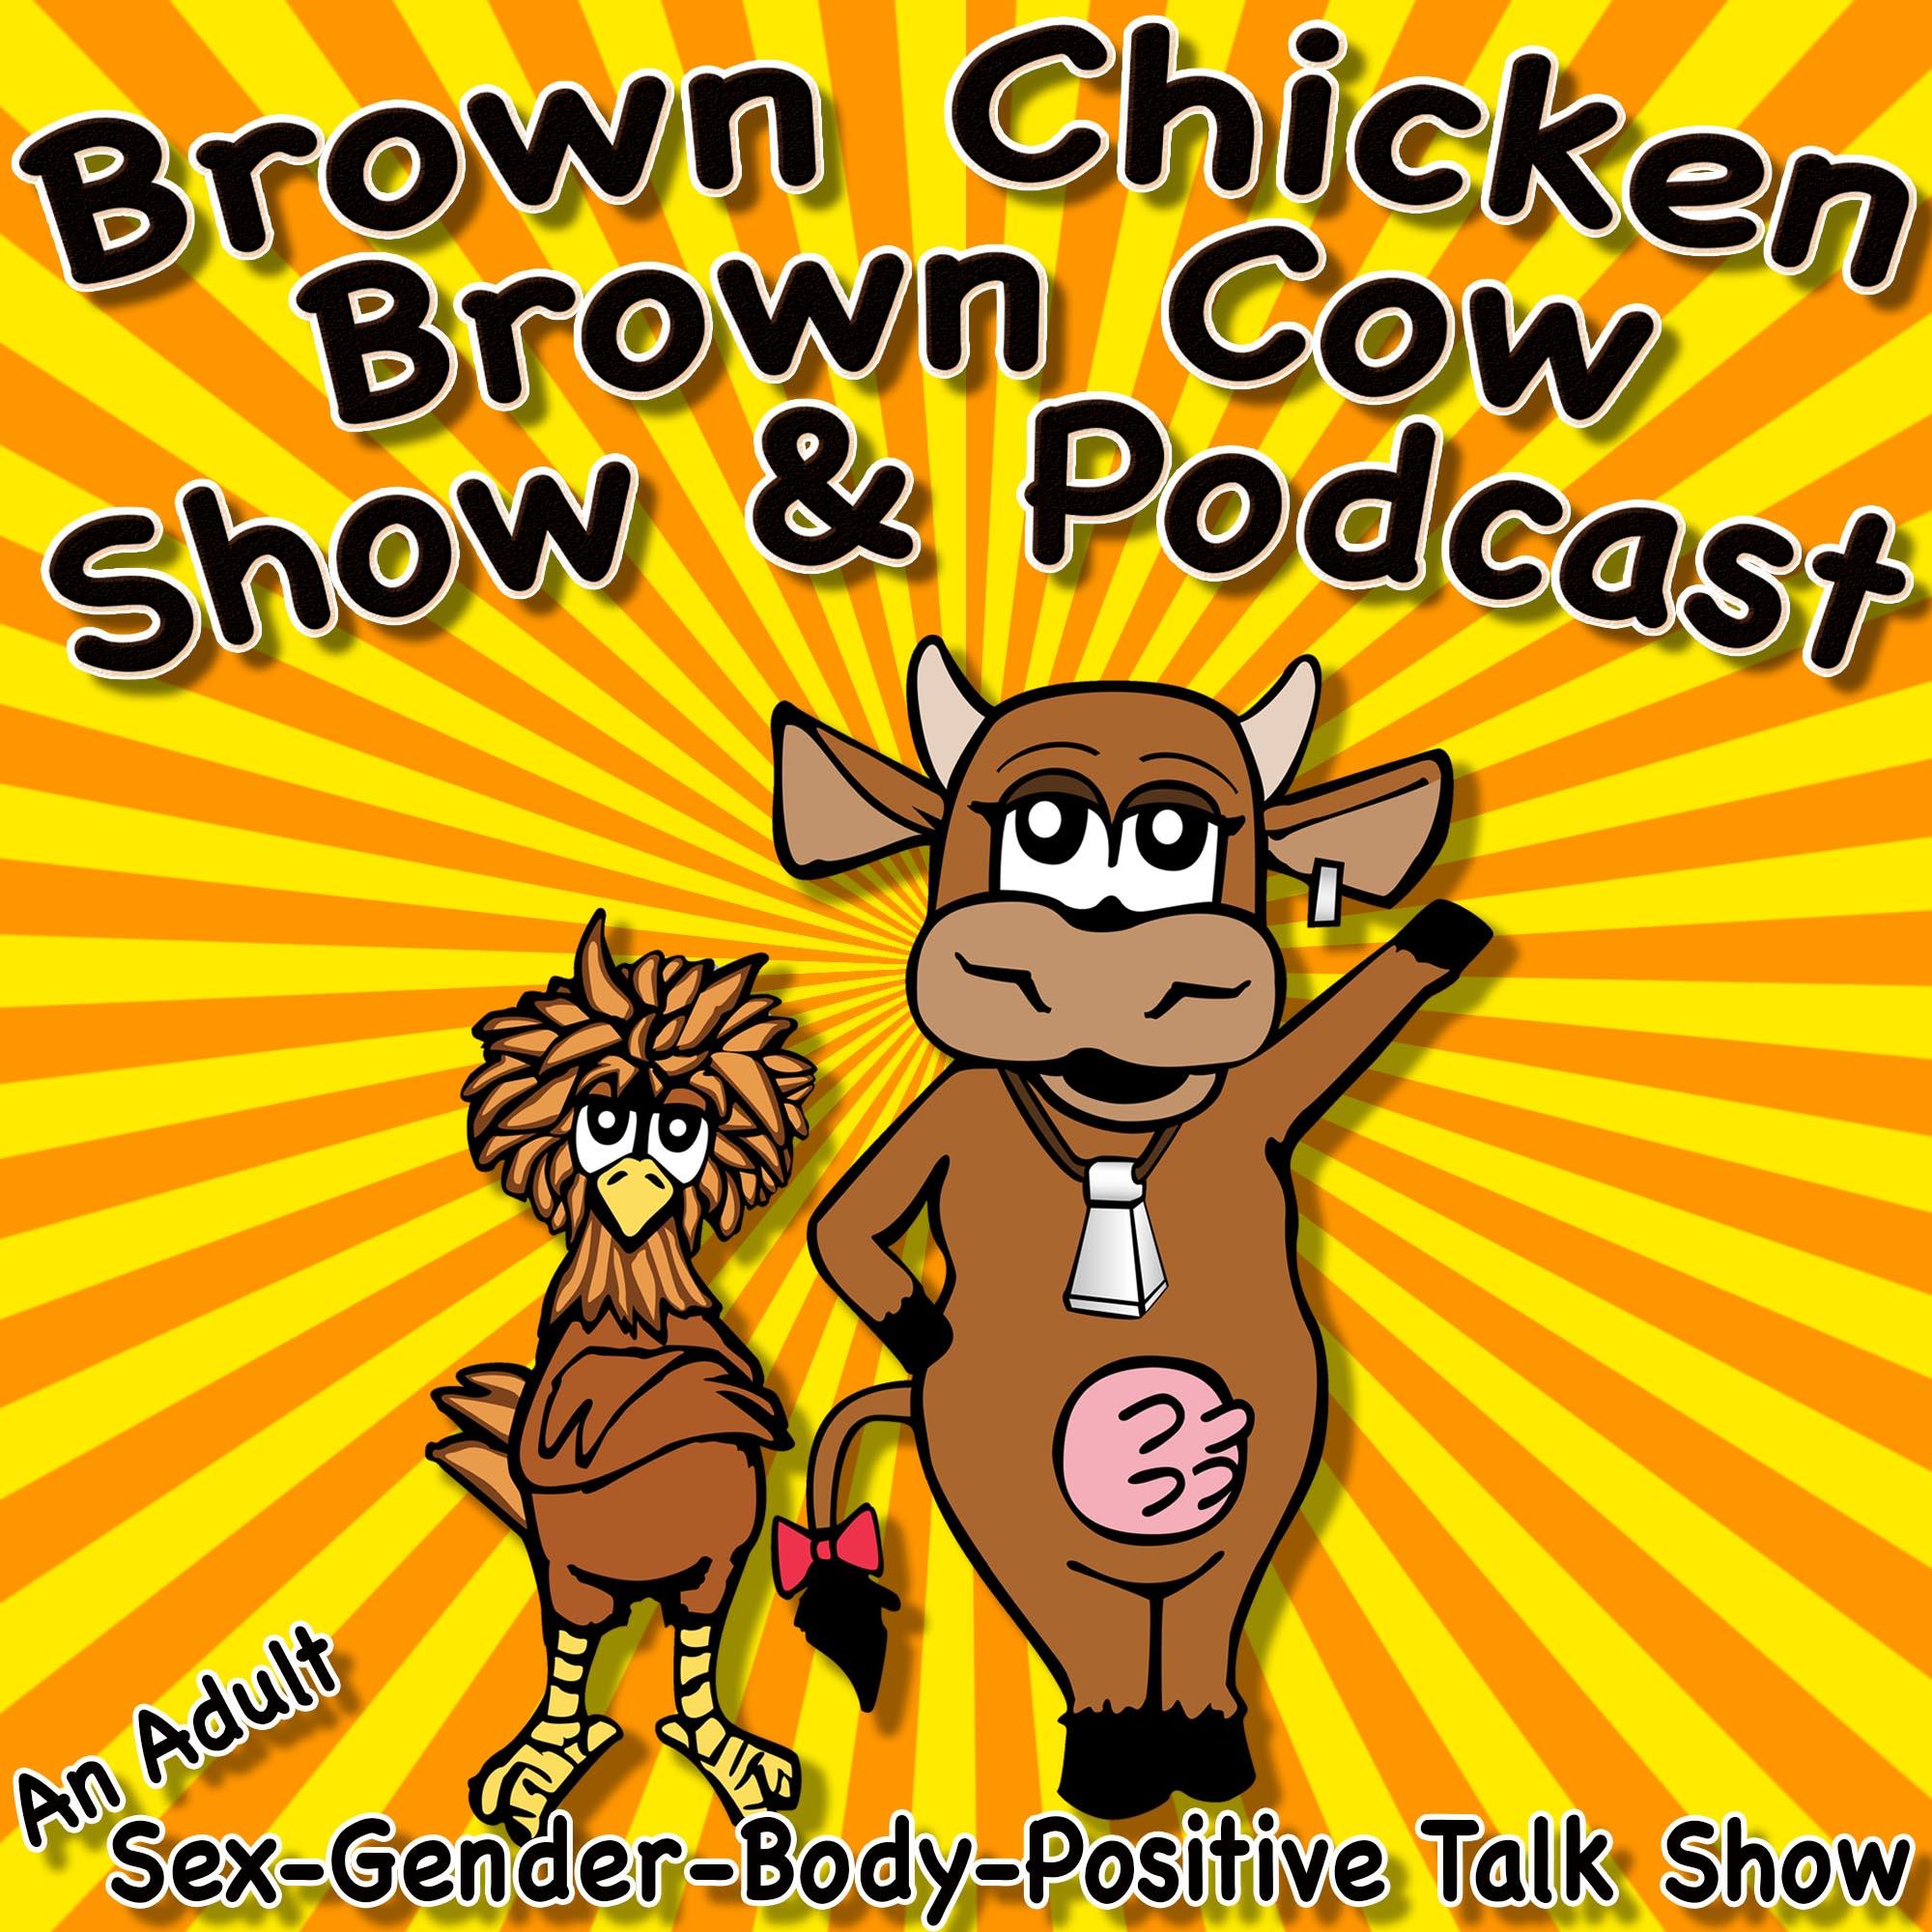 Brown Chicken Brown Cow Podcast | Listen via Stitcher for